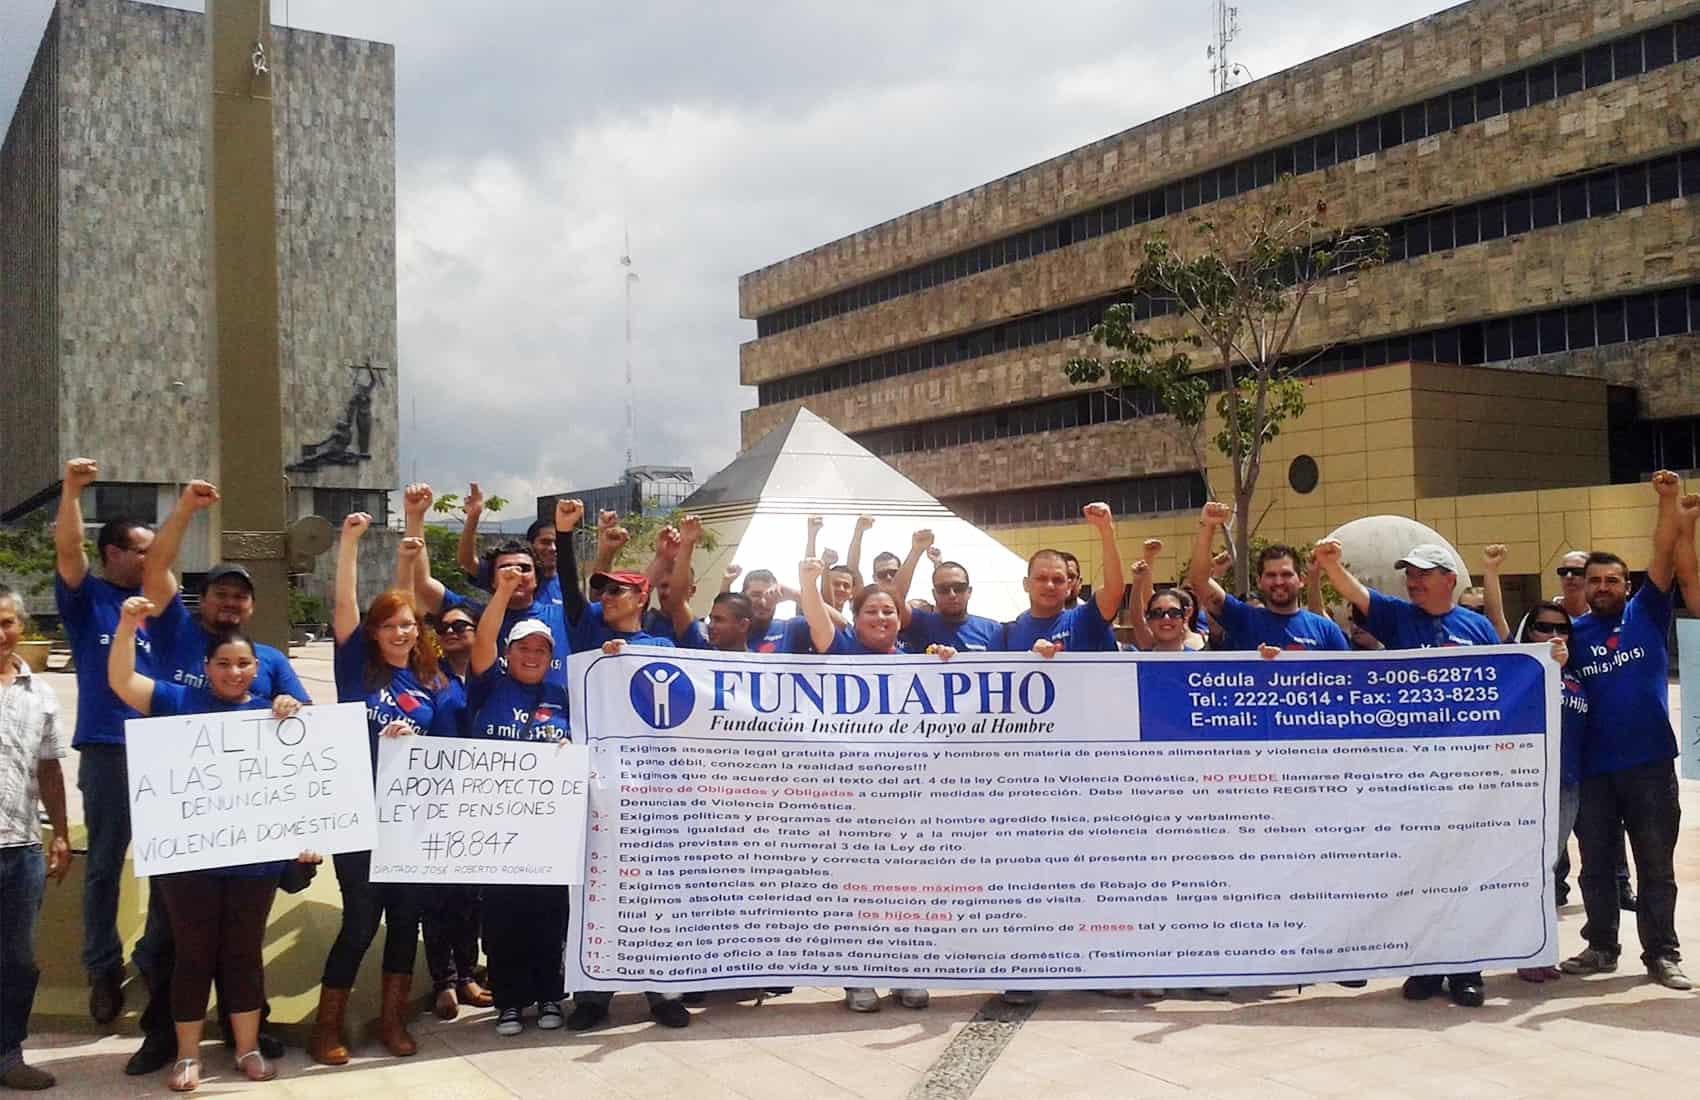 Fundación de Apoyo al Hombre demonstration